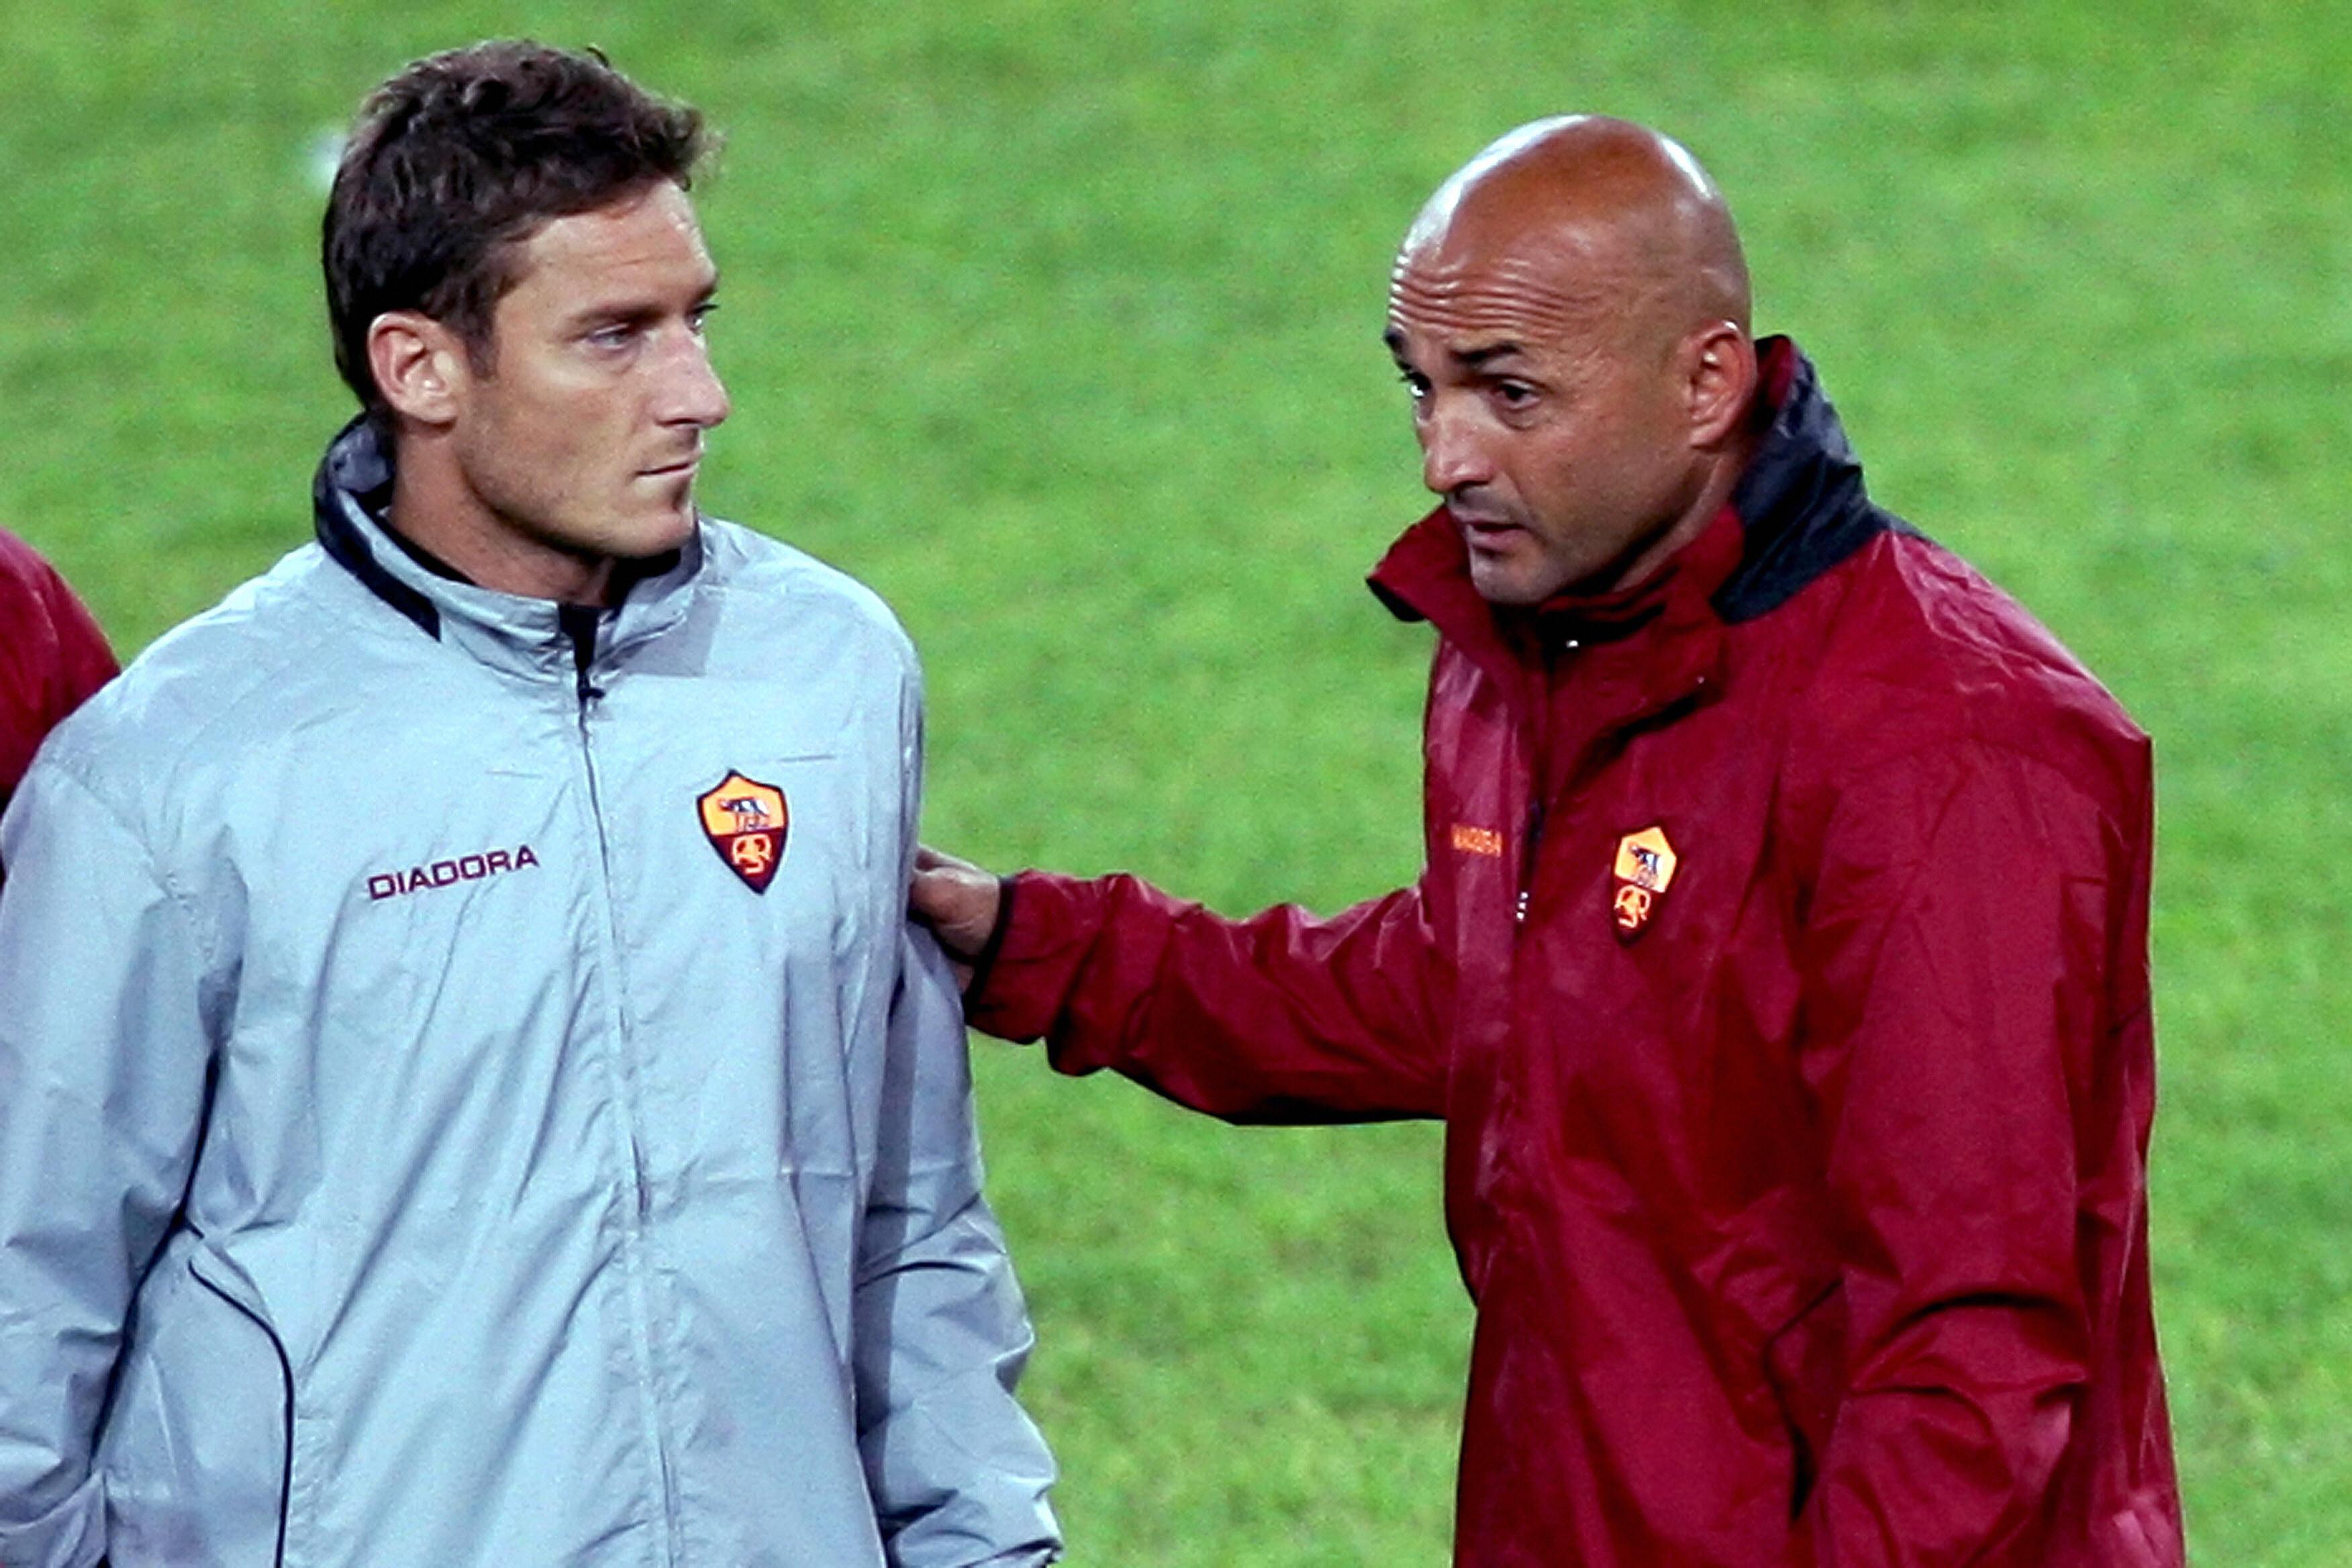 Stagione 2006/07: Luciano Spalletti insieme a capitan Totti durante la sua prima esperienza da allenatore della Roma